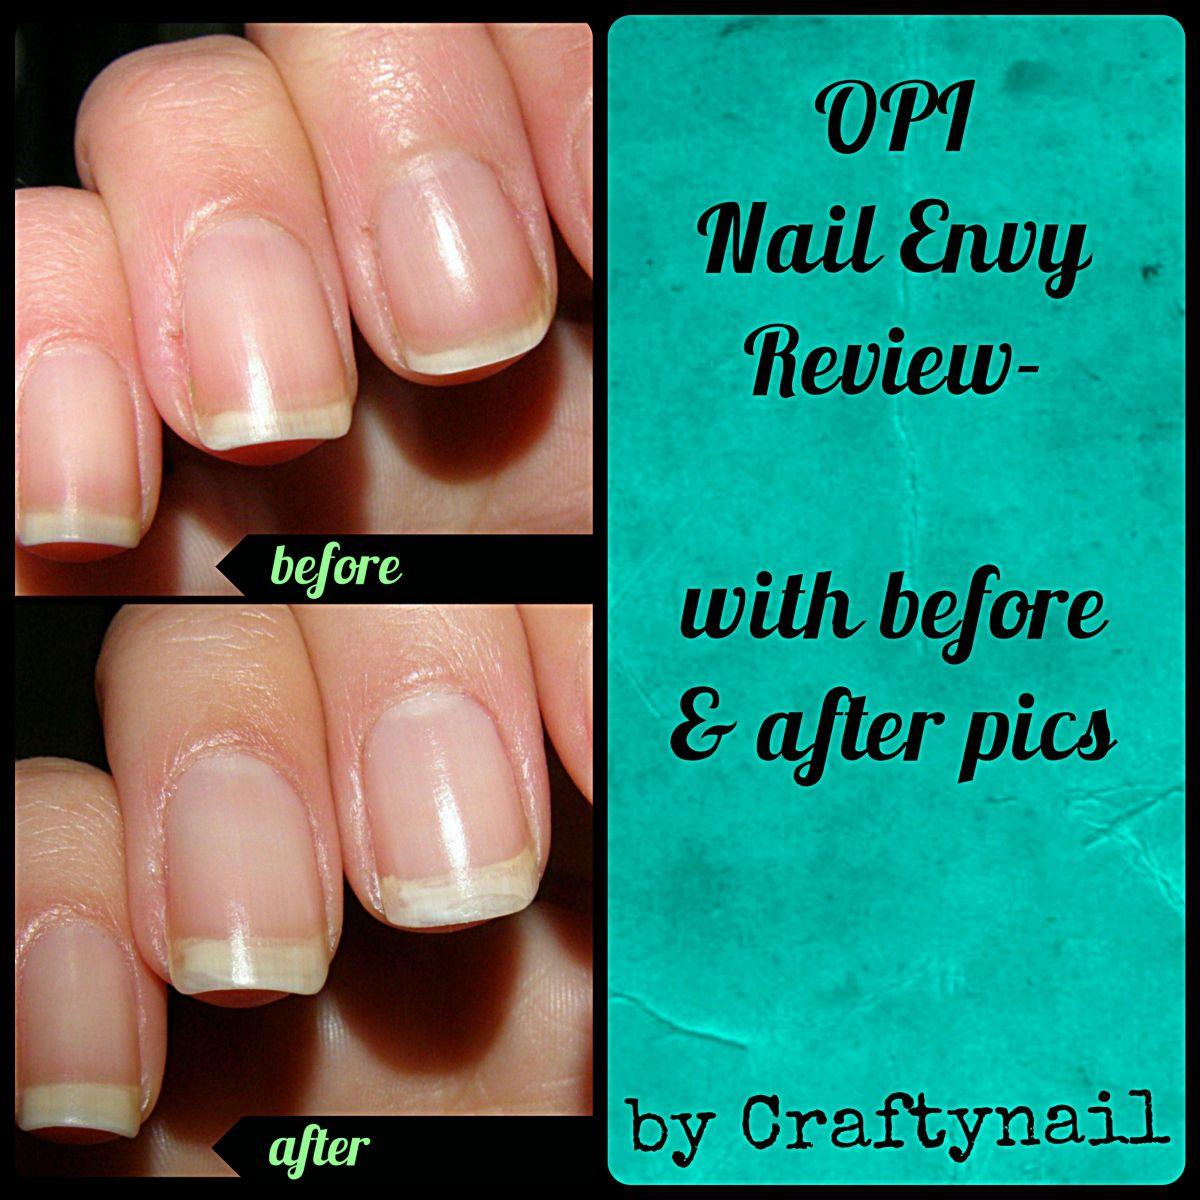 opi nail envy review | nail care hq | Pinterest | Opi nail envy ...